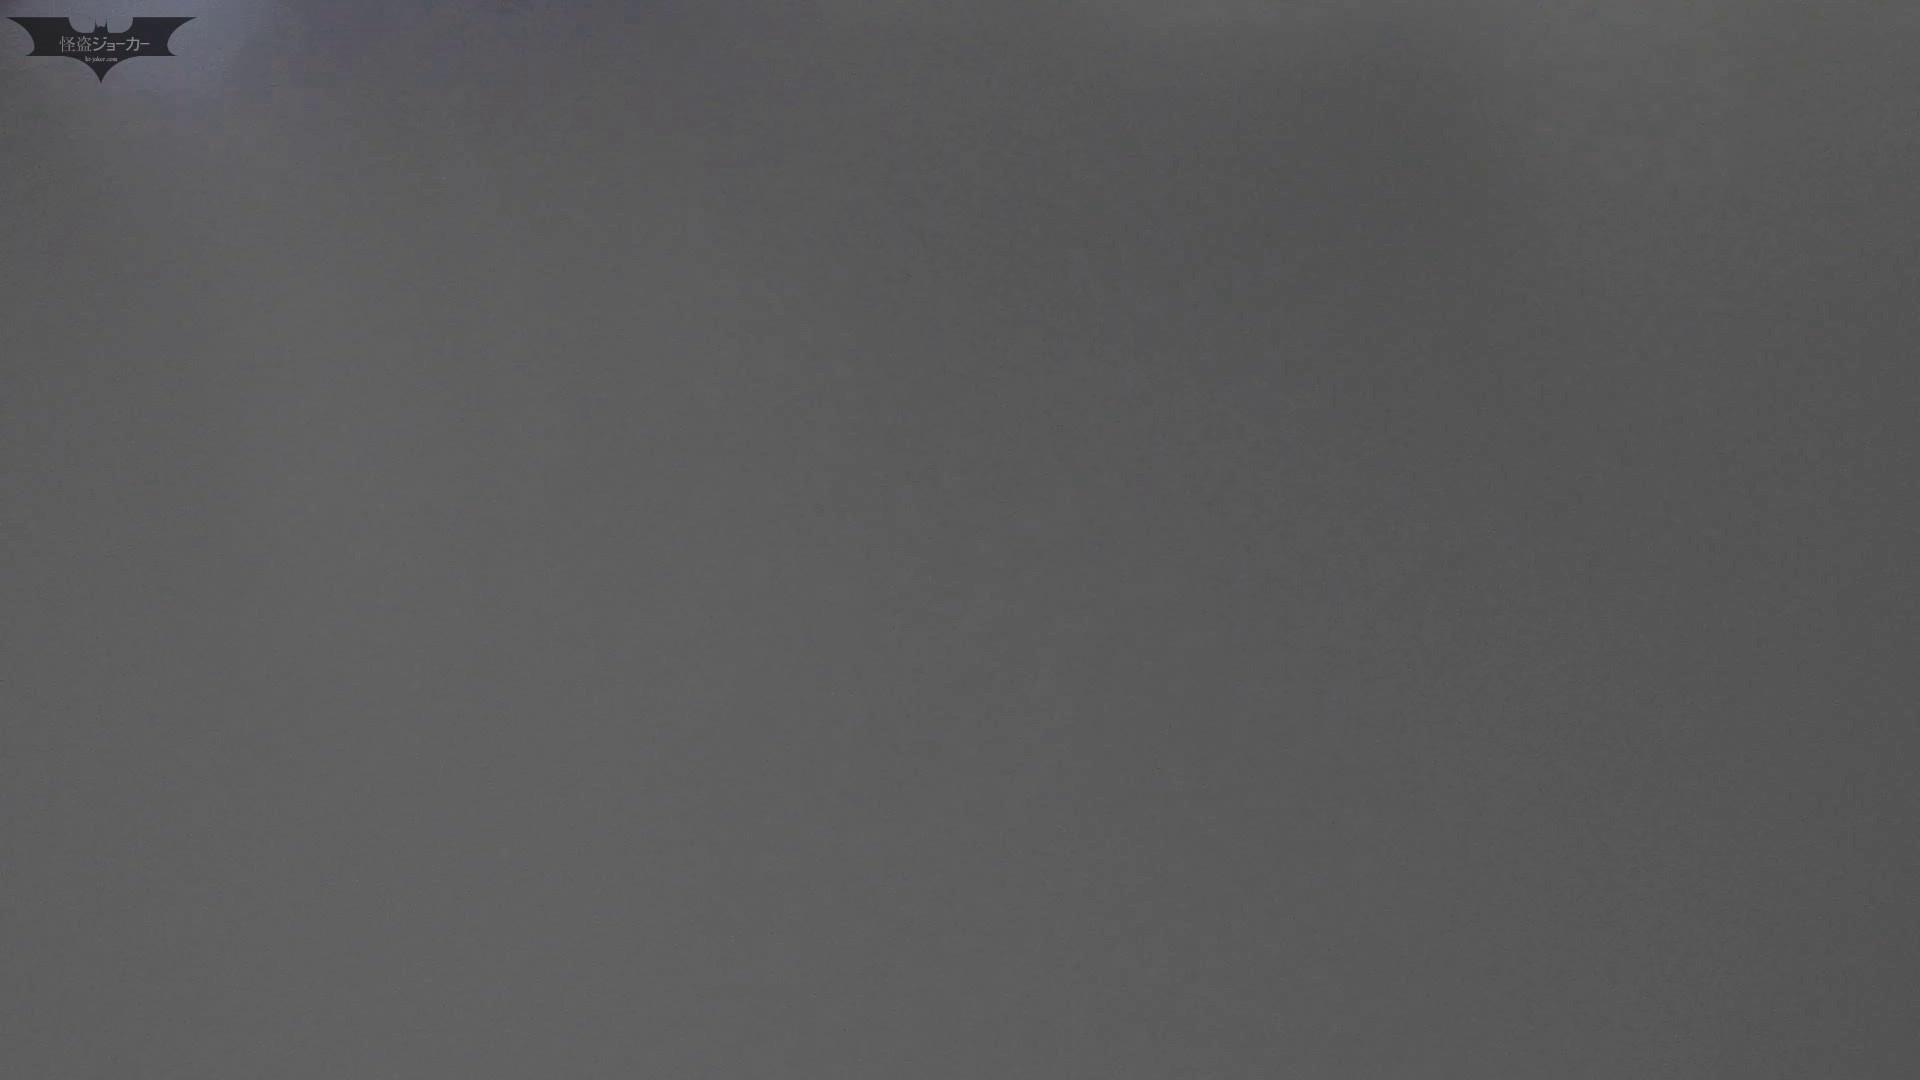 なんだこれ!! Vol.08 遂に美女登場!! エッチすぎる美女 盗撮動画紹介 67連発 11